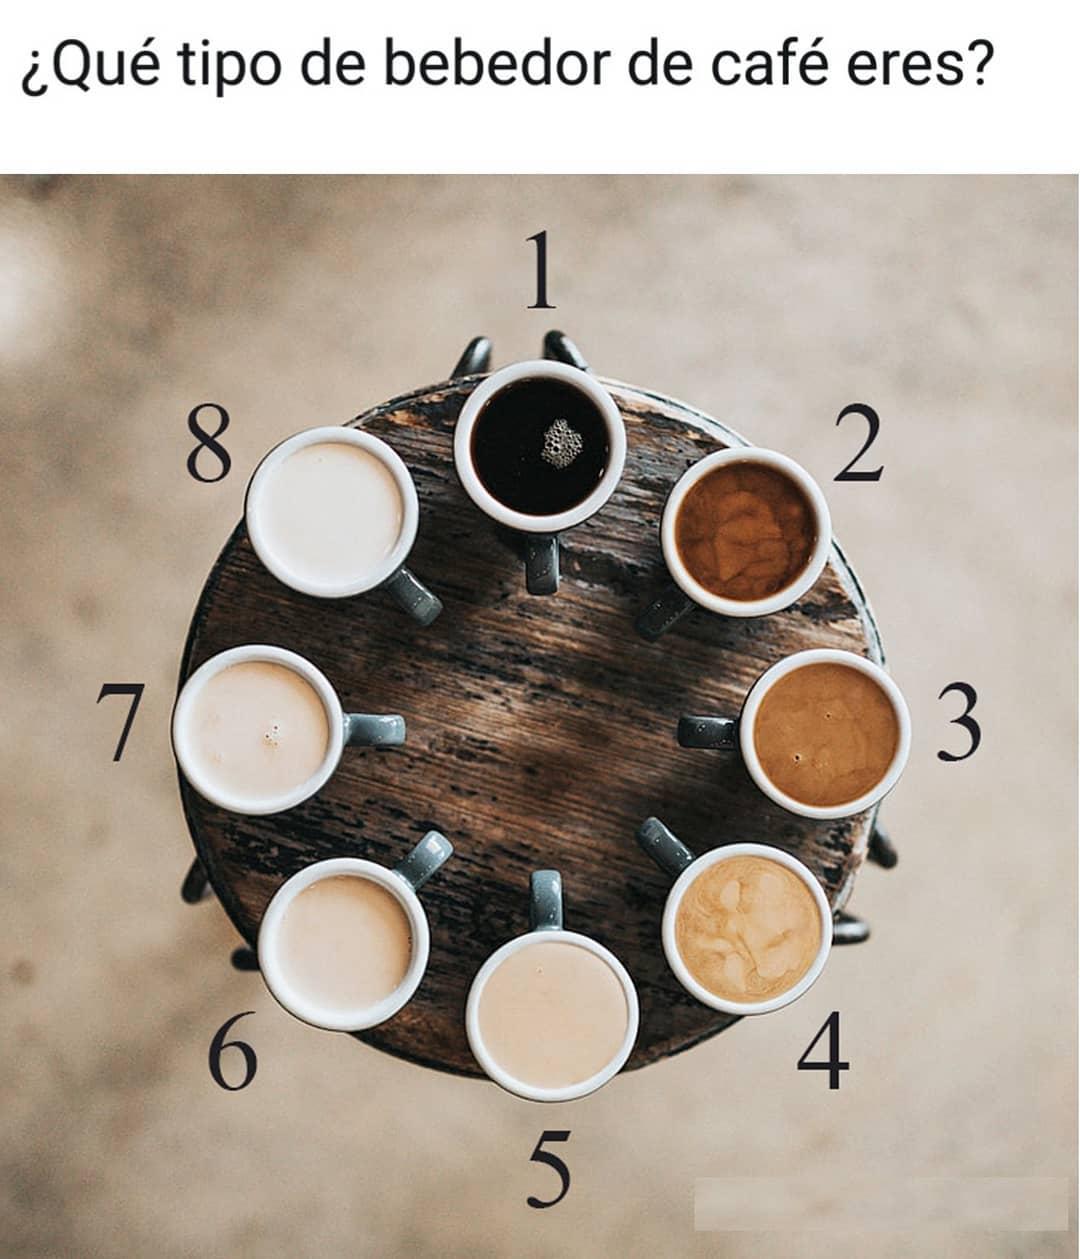 ¿Qué tipo de bebedor de café eres?